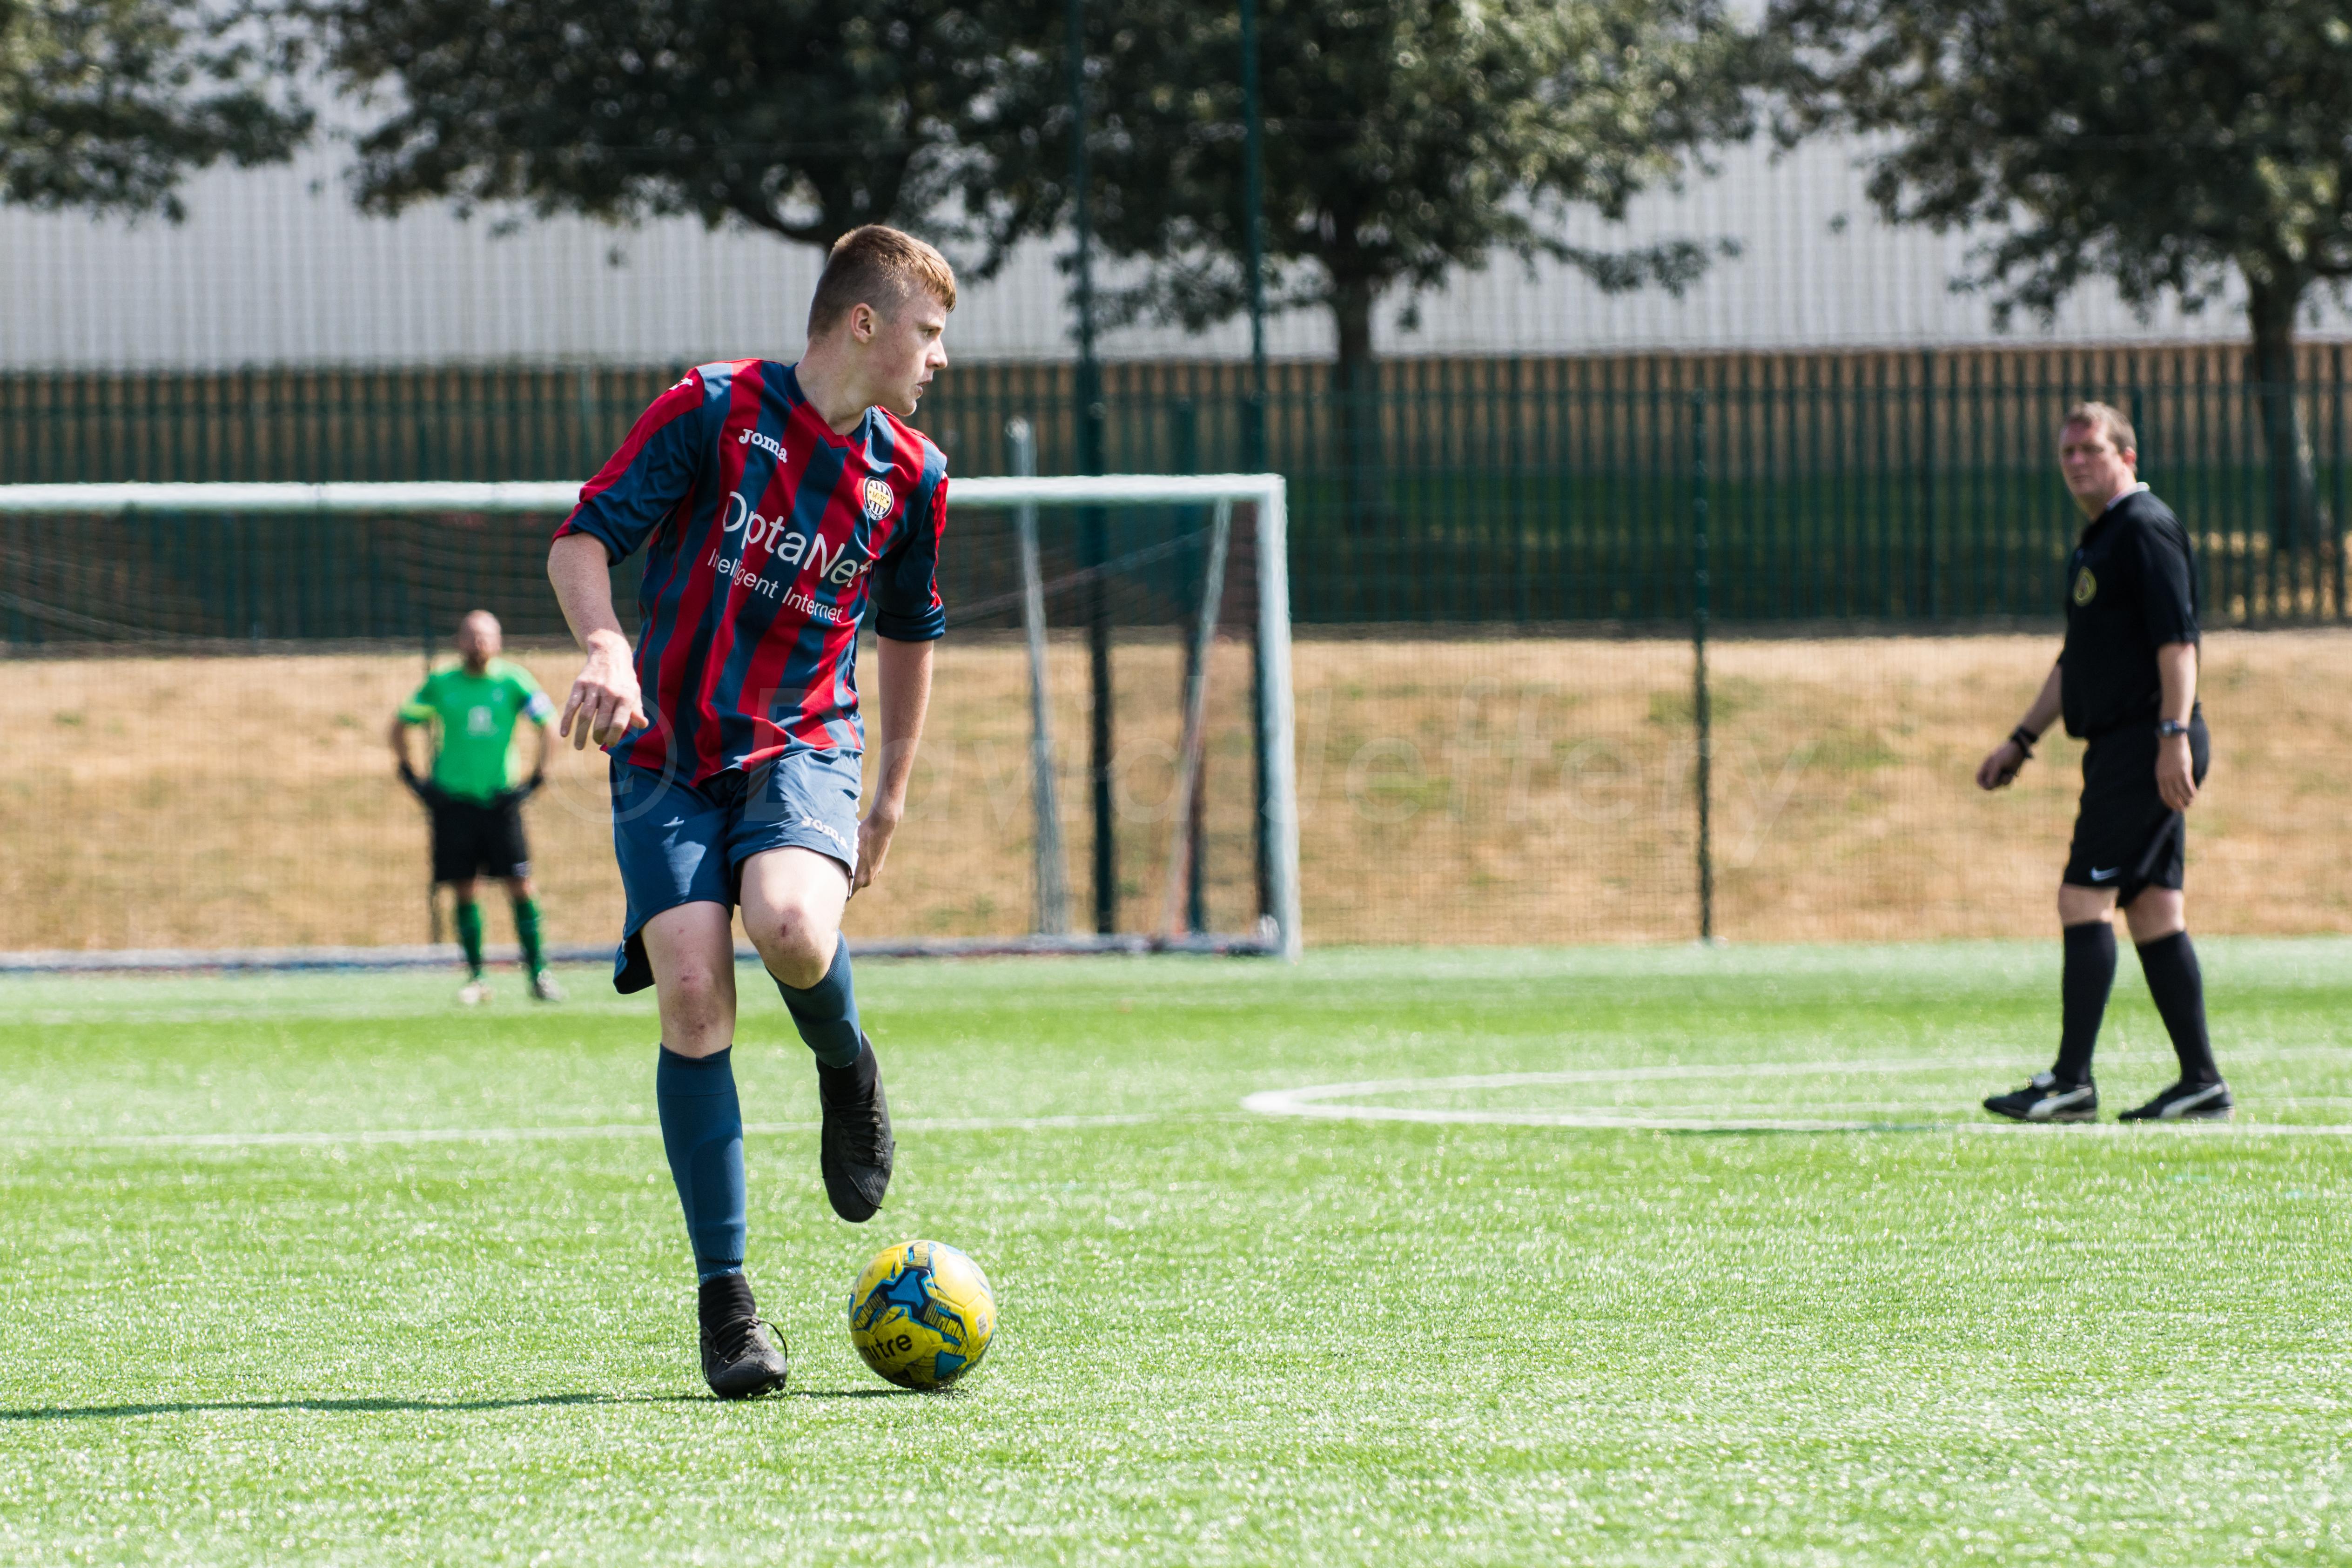 DAVID_JEFFERY Montpellier Villa vs Mile Oak FC 21.07.18 0018